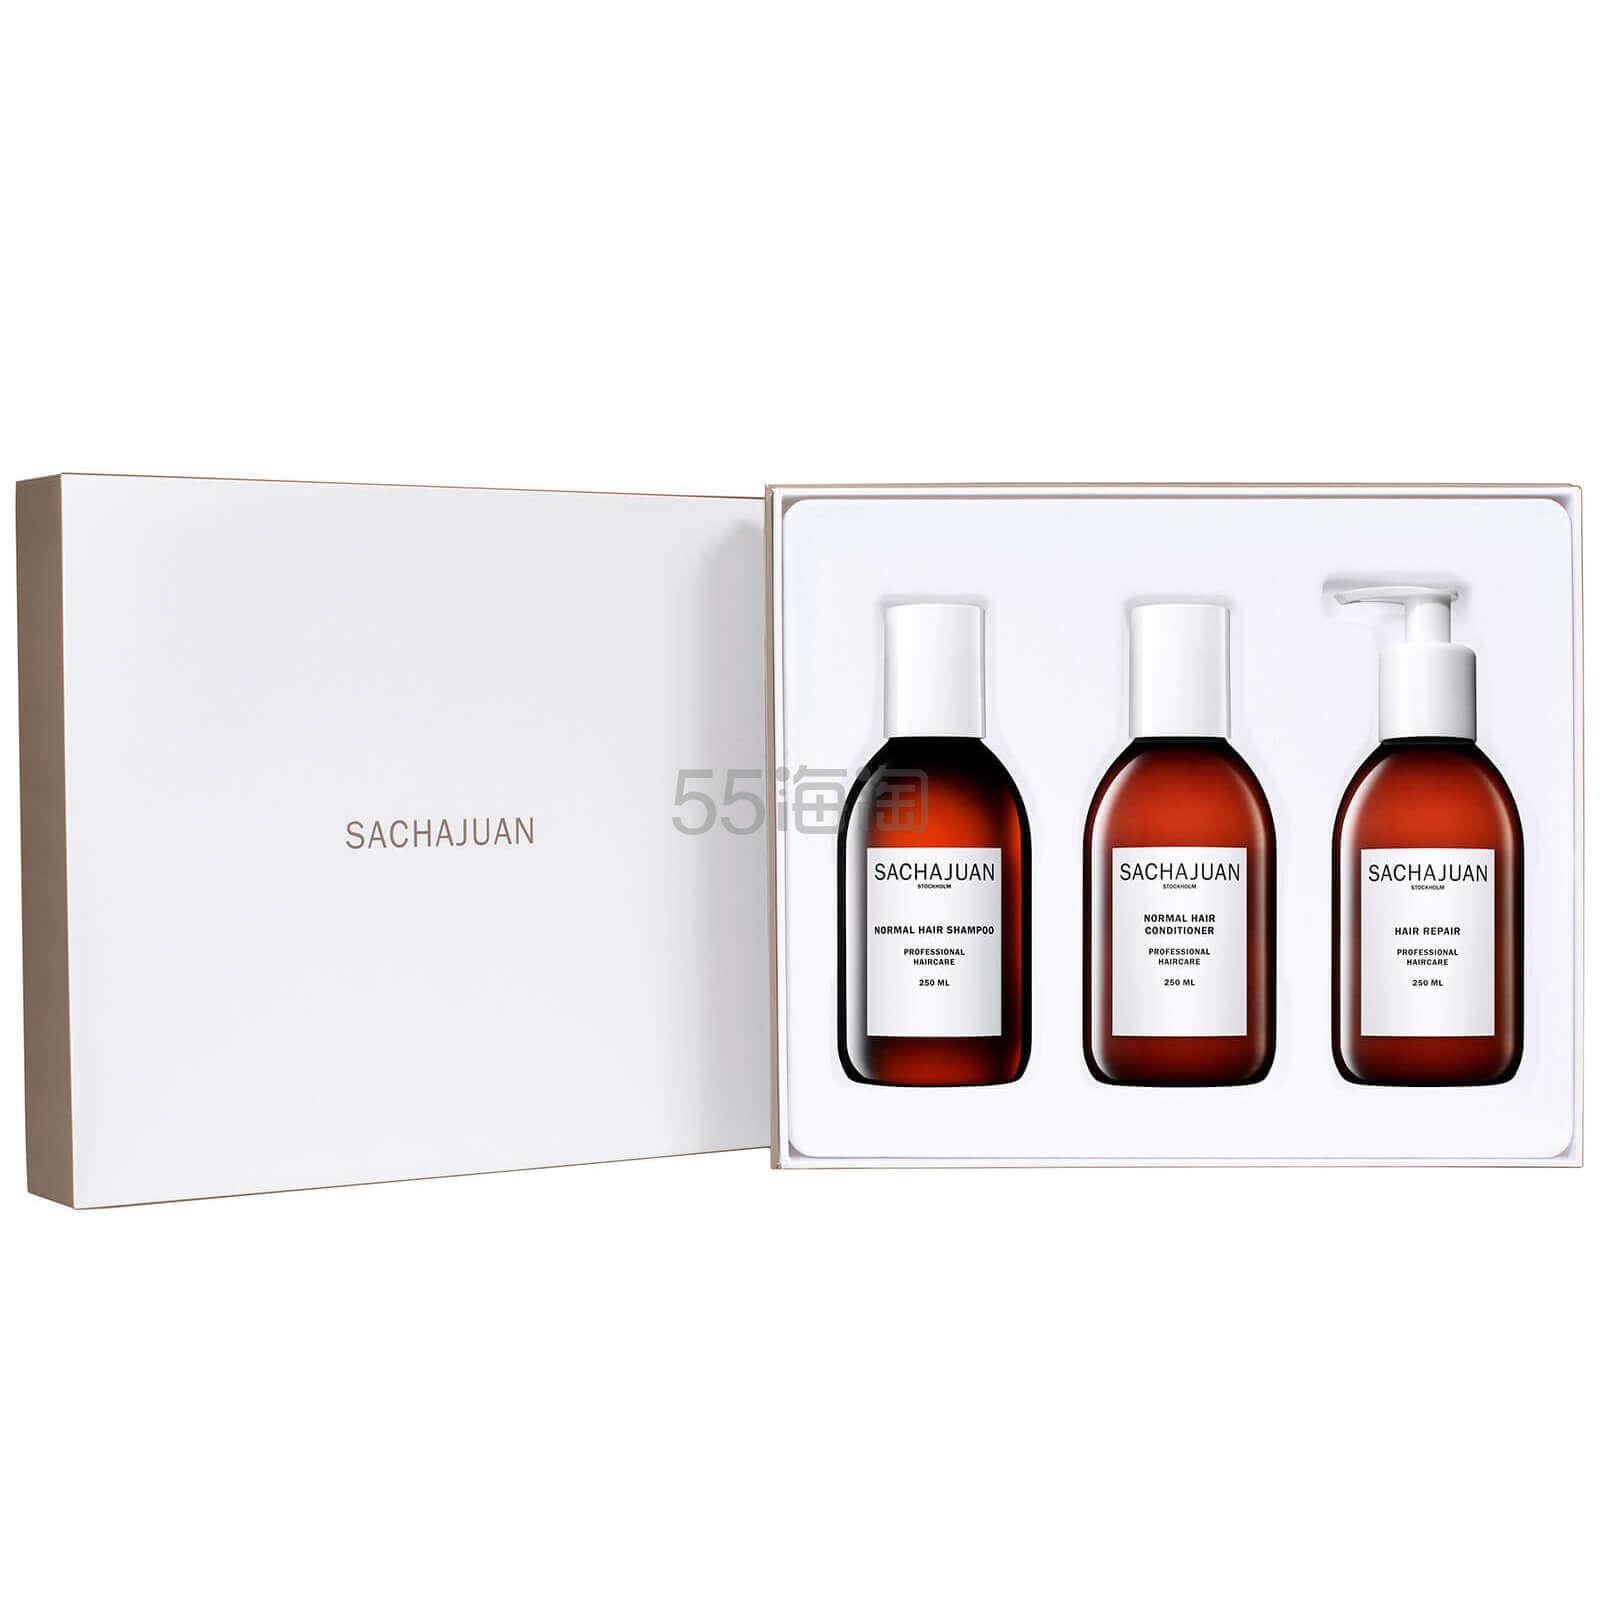 价值£54!Sachajuan 三茶官 经典洗护礼盒 £36(约324元) - 海淘优惠海淘折扣|55海淘网